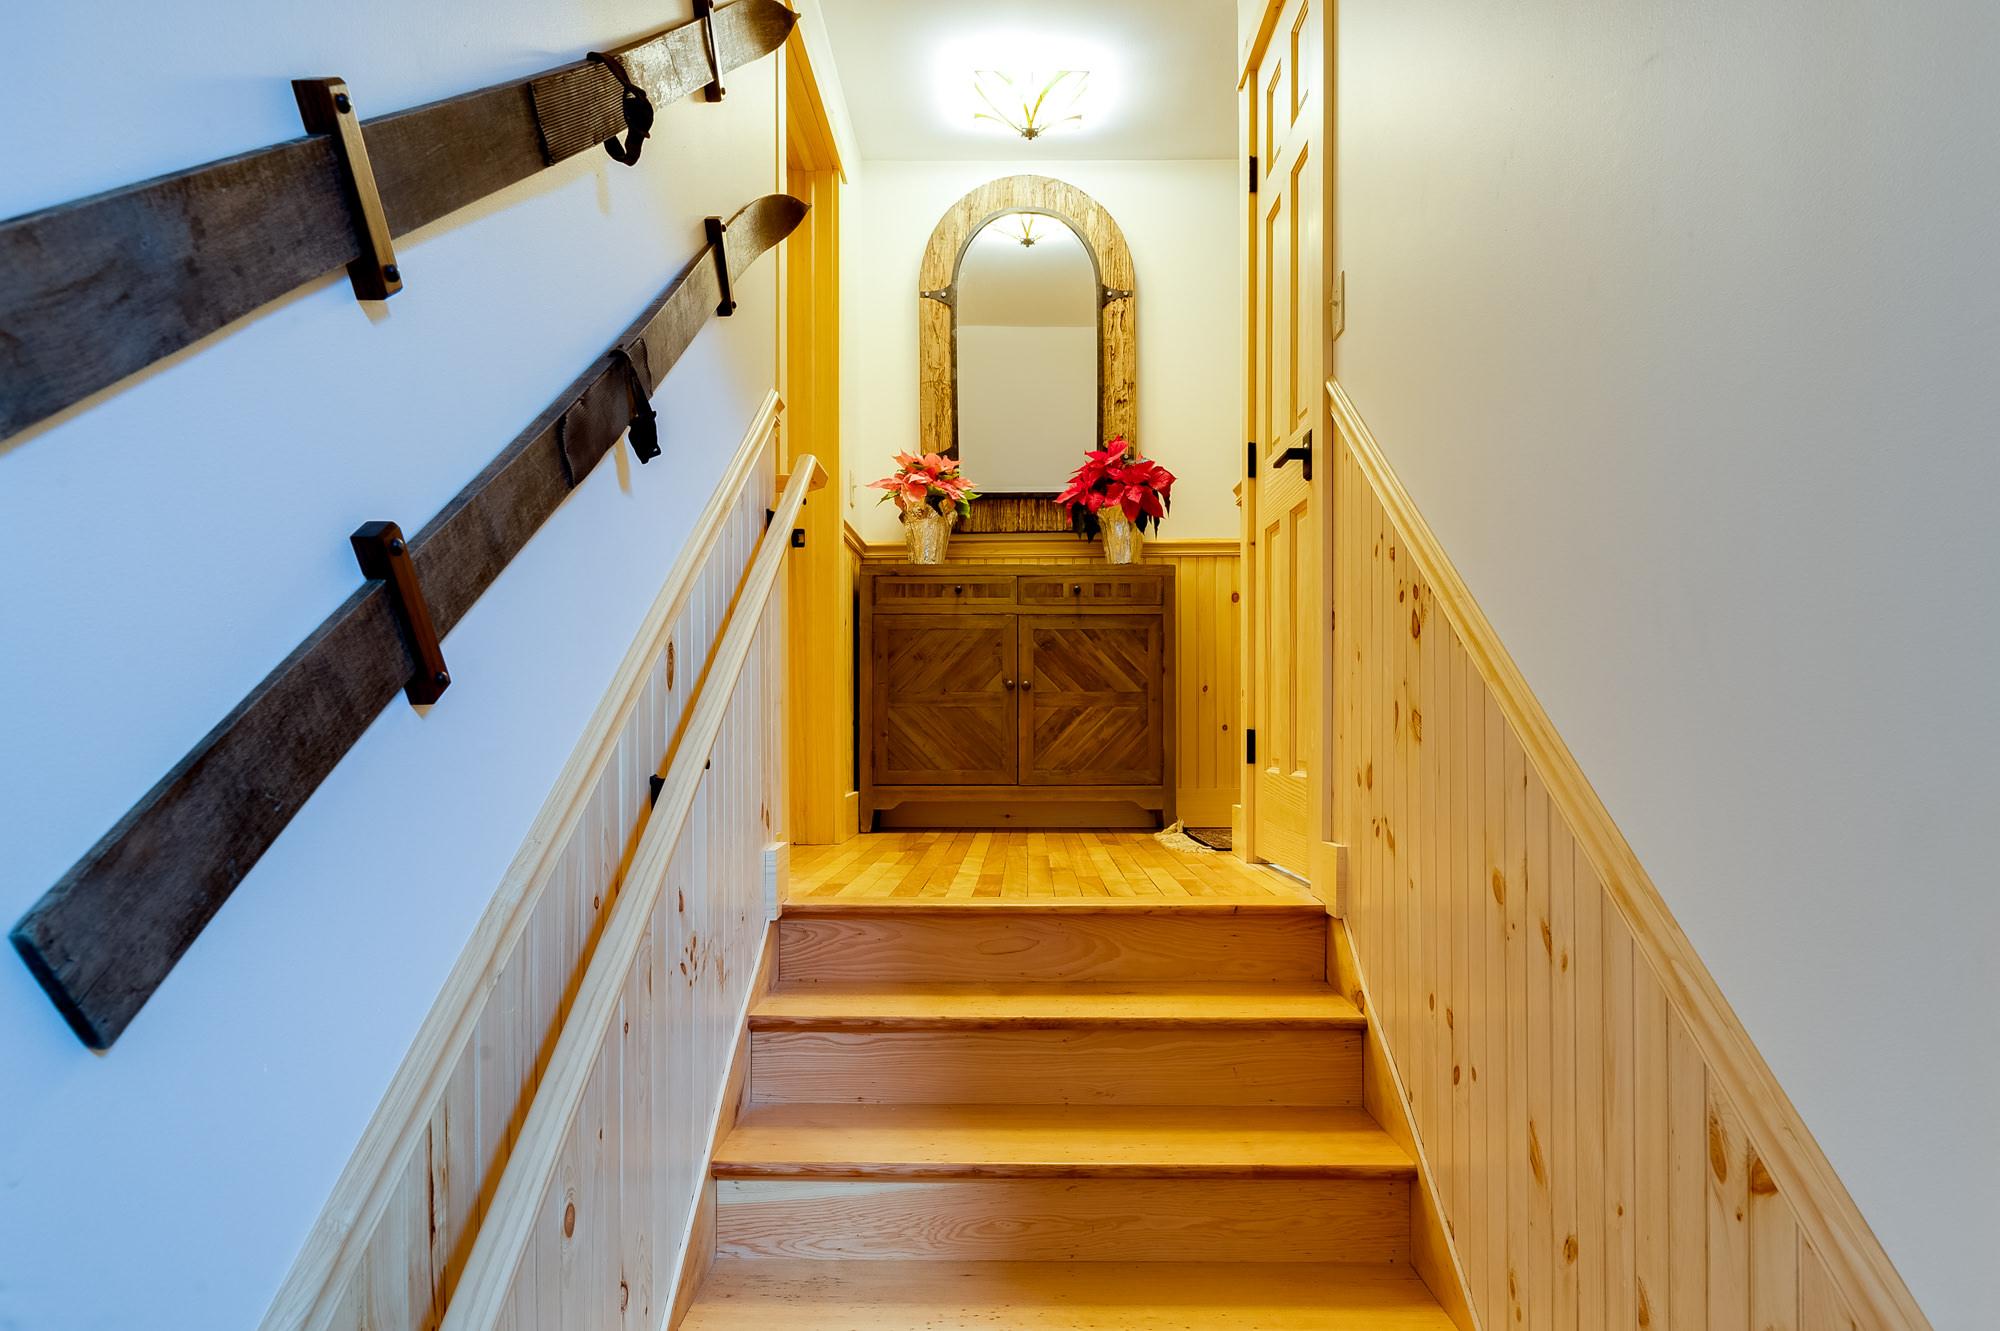 Maplewood-Brooks-Reynolds-Real-Estate-15.JPG